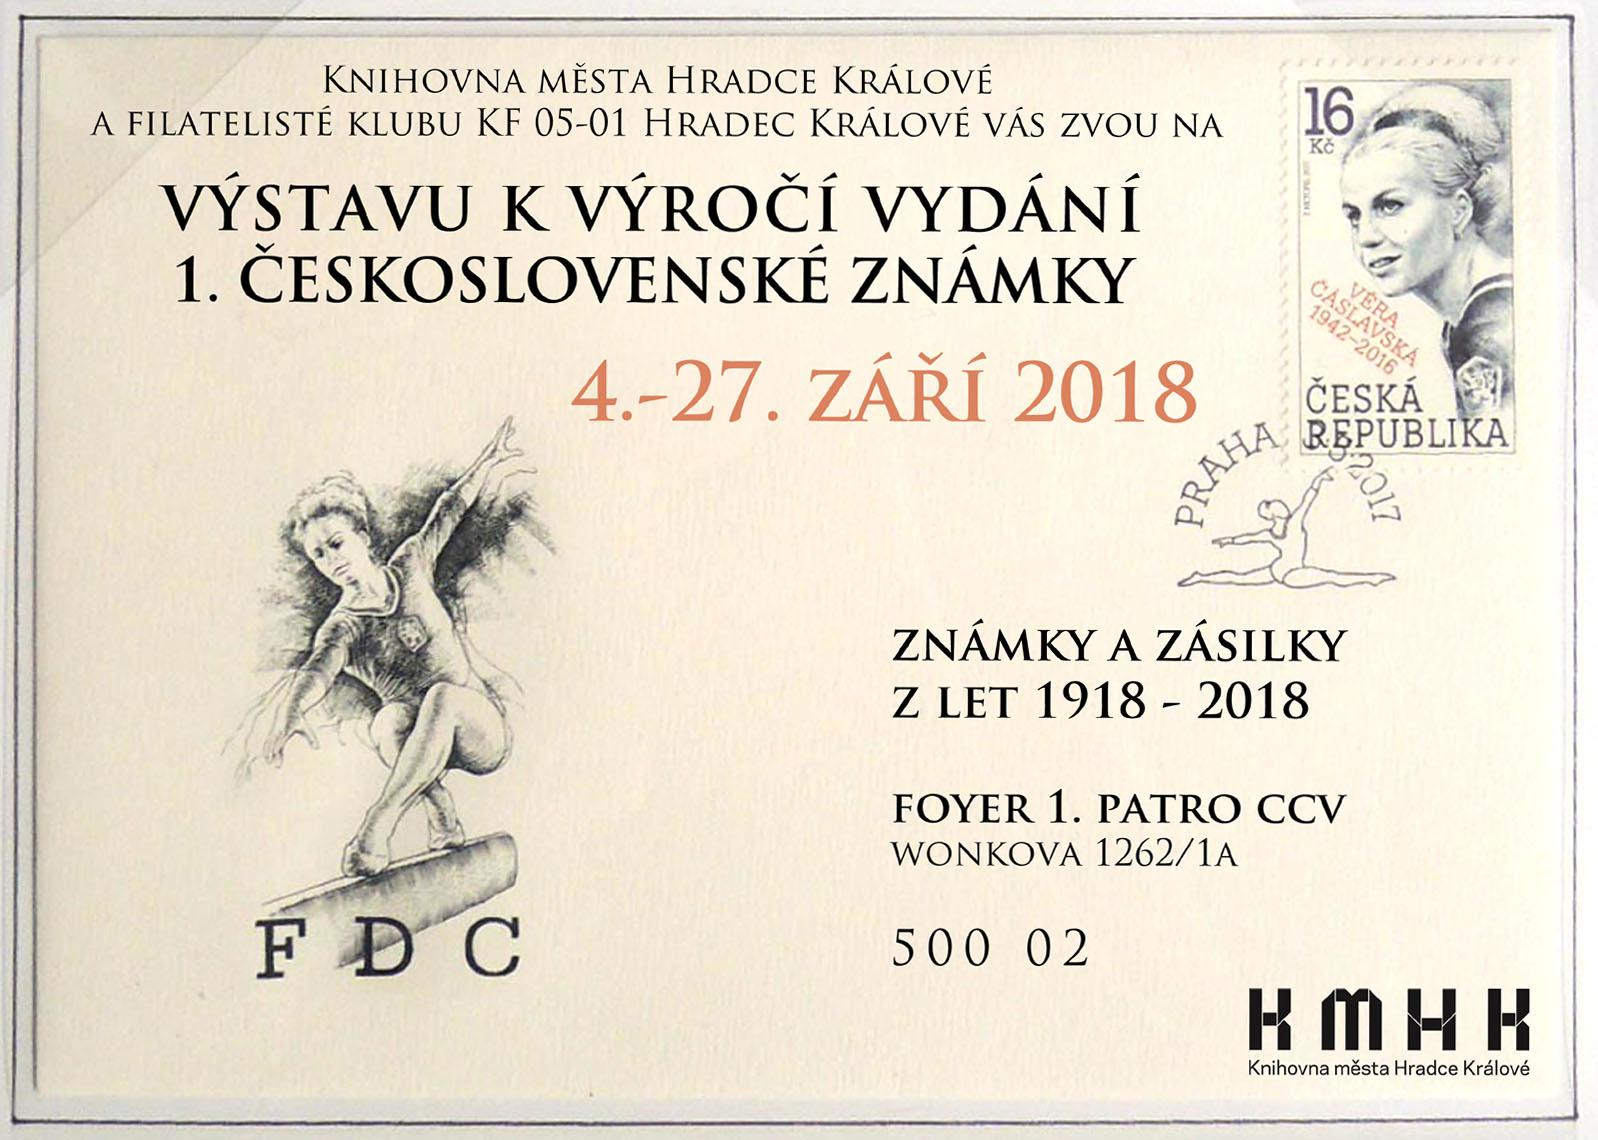 Výstava poštovních známek v Hradci Králové